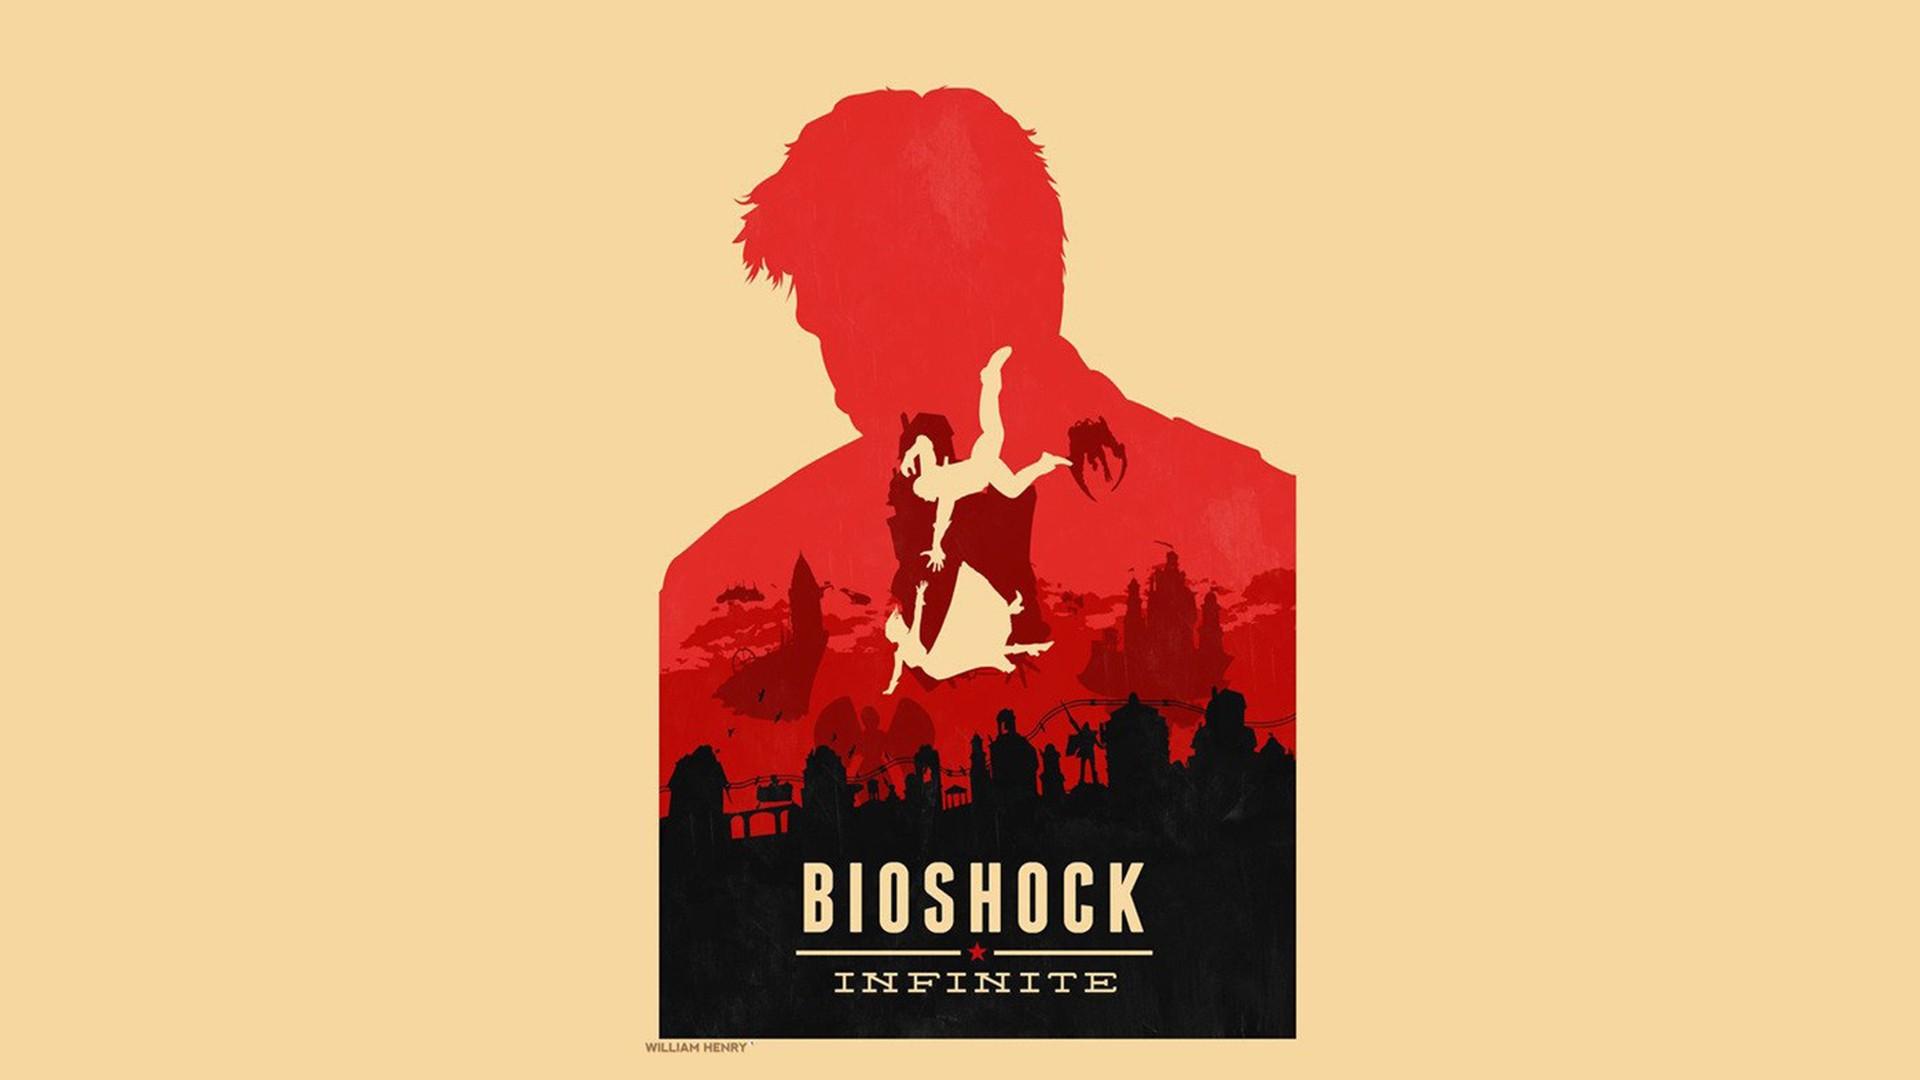 Bioshock Infinite Computer Wallpapers Desktop Backgrounds 1920x1080 1920x1080